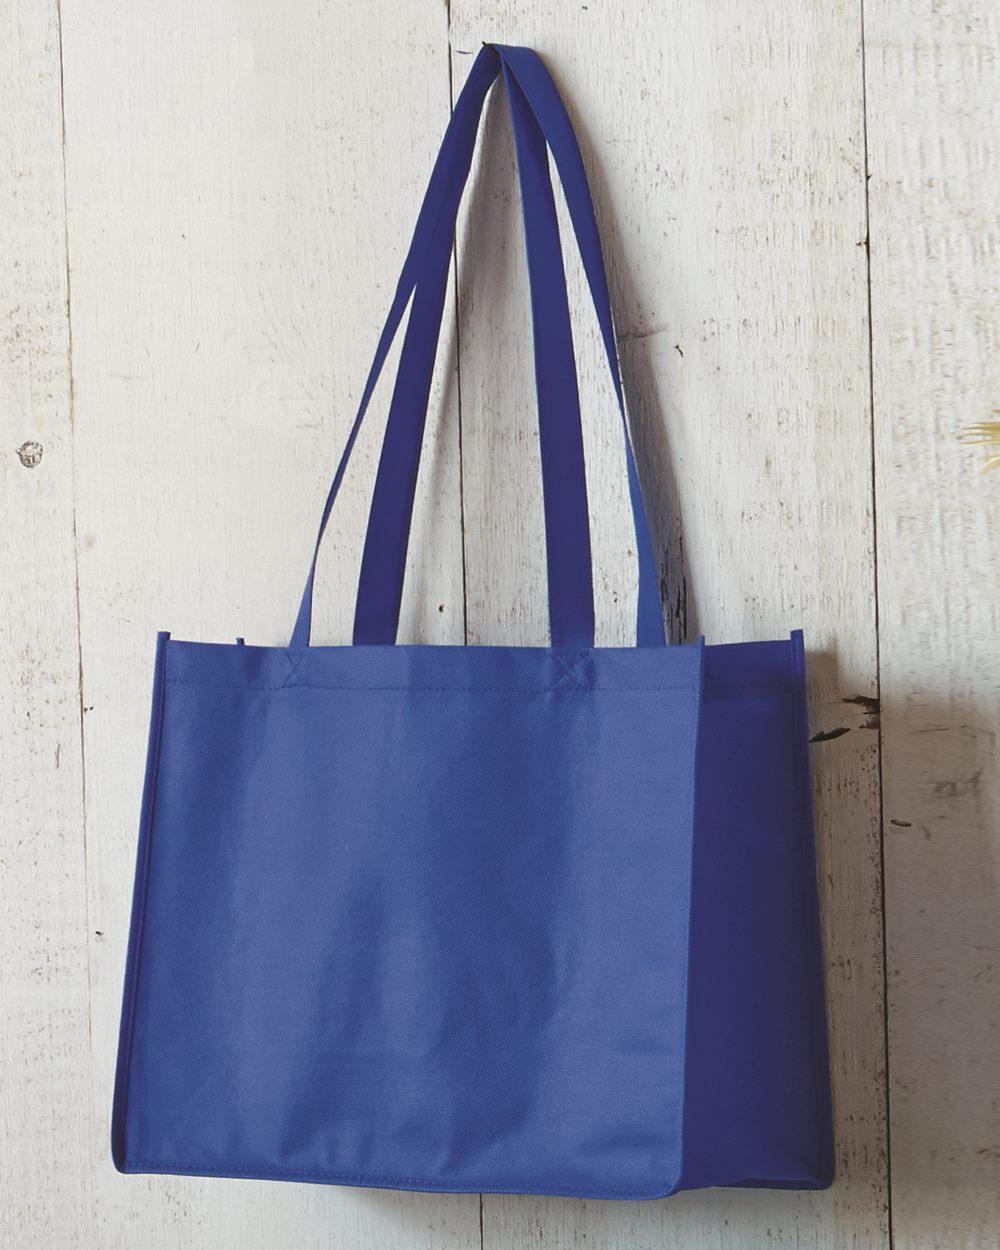 Liberty Bags A134 - Non-Woven Deluxe Jr. Tote